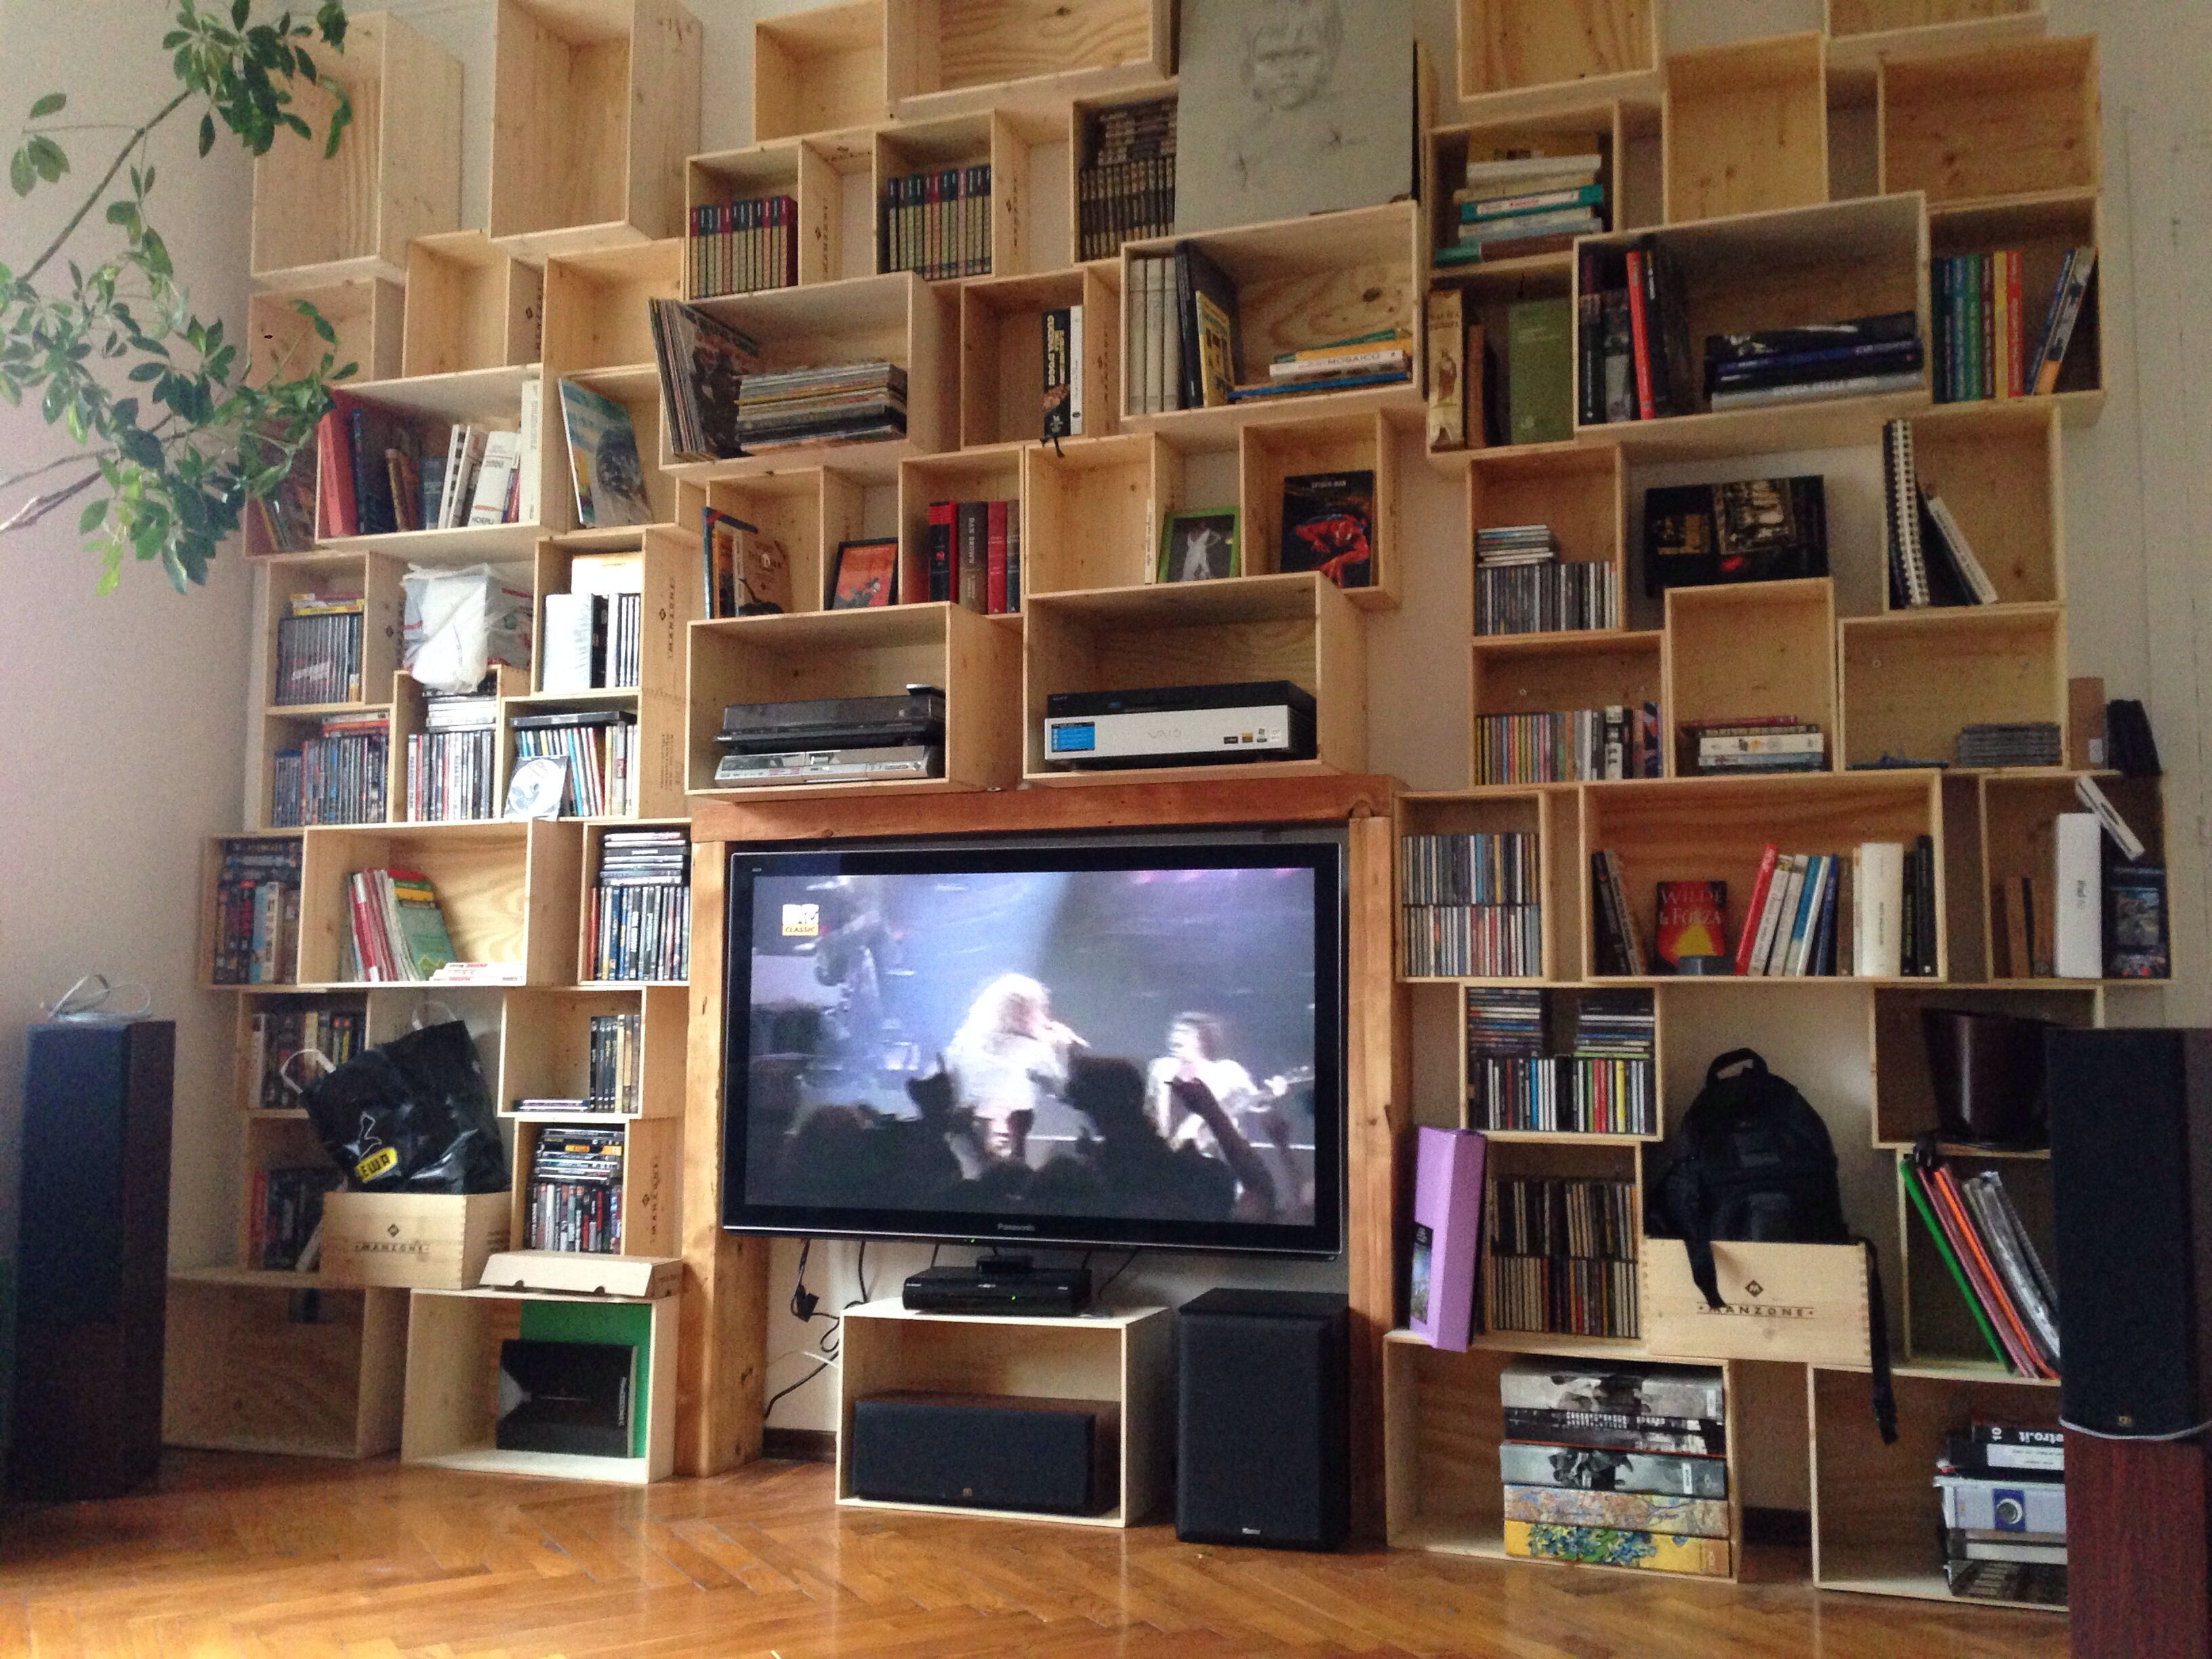 Libreria con cassette di legno da vino idee per la casa for Idee per arredare casa con poco